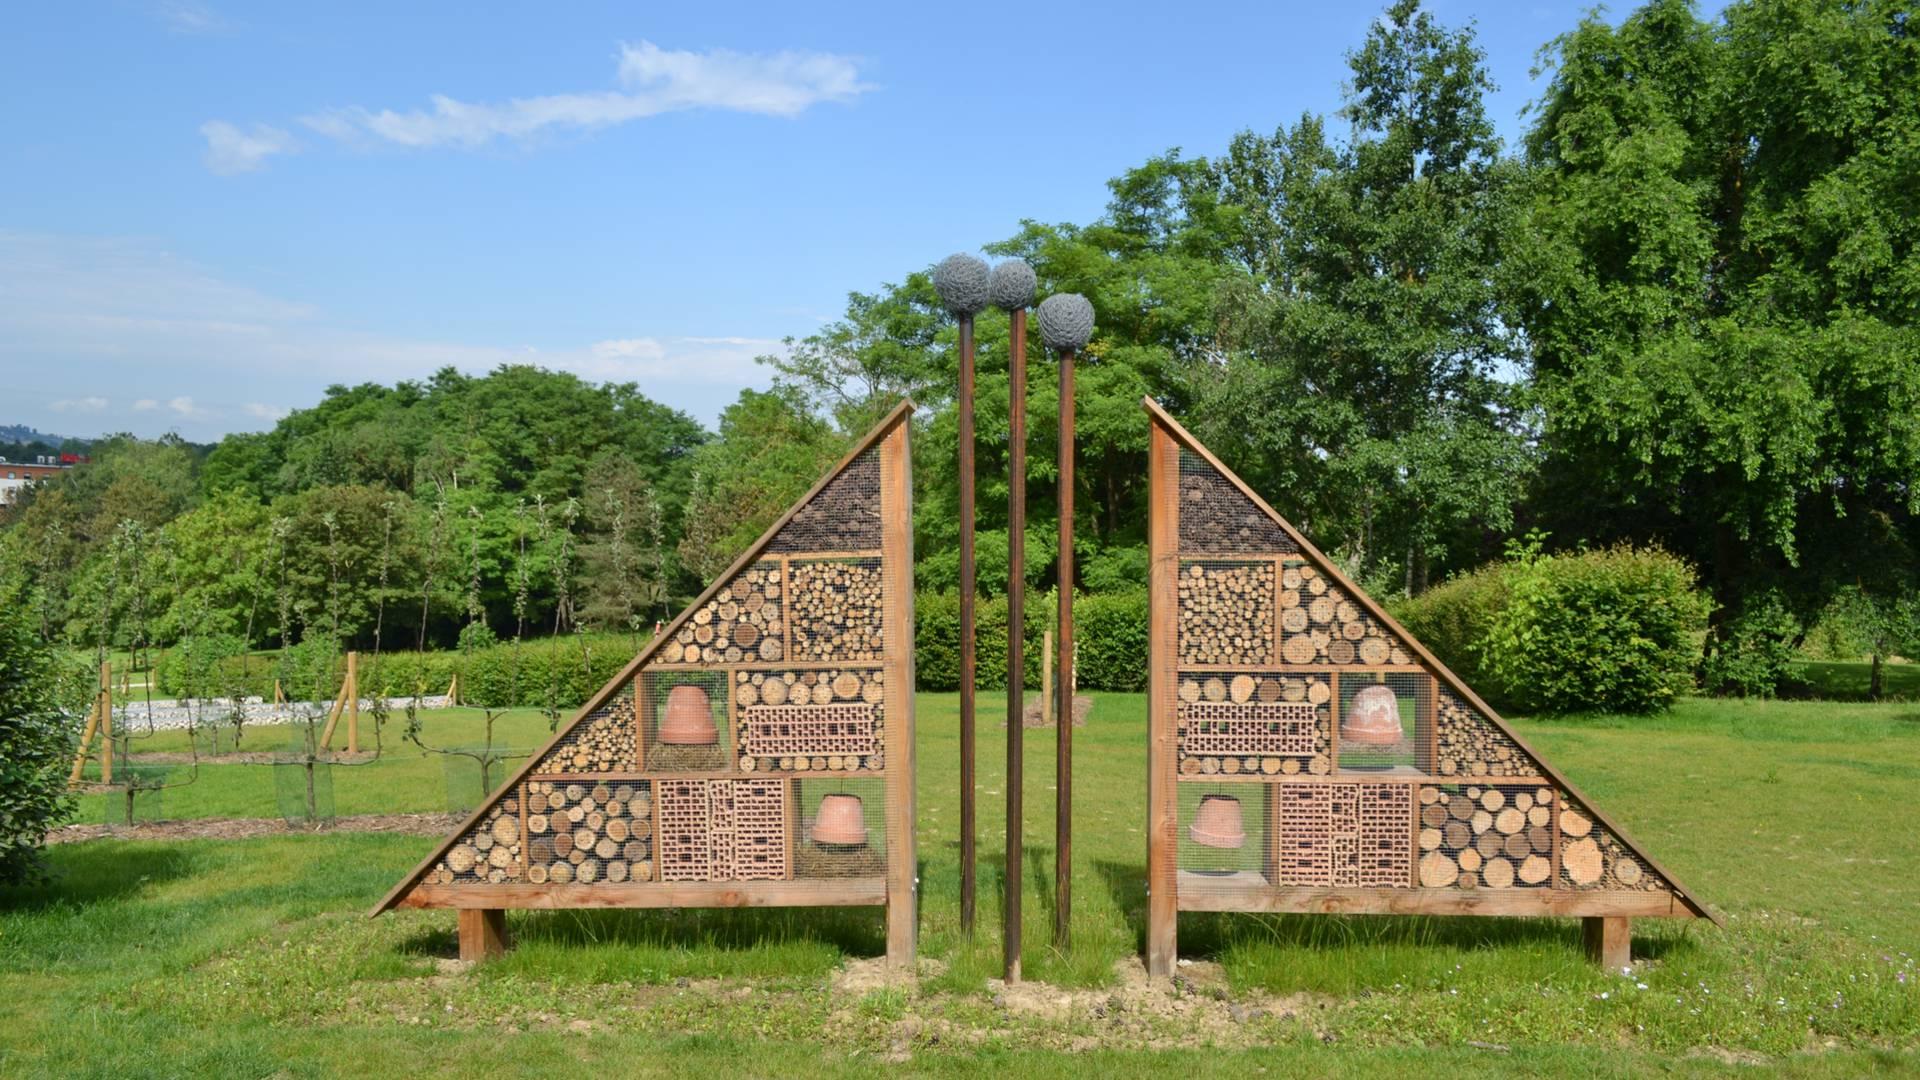 Un verger conservatoire agrémente le parc Saint-Louis. © Creusot Montceau Tourisme.